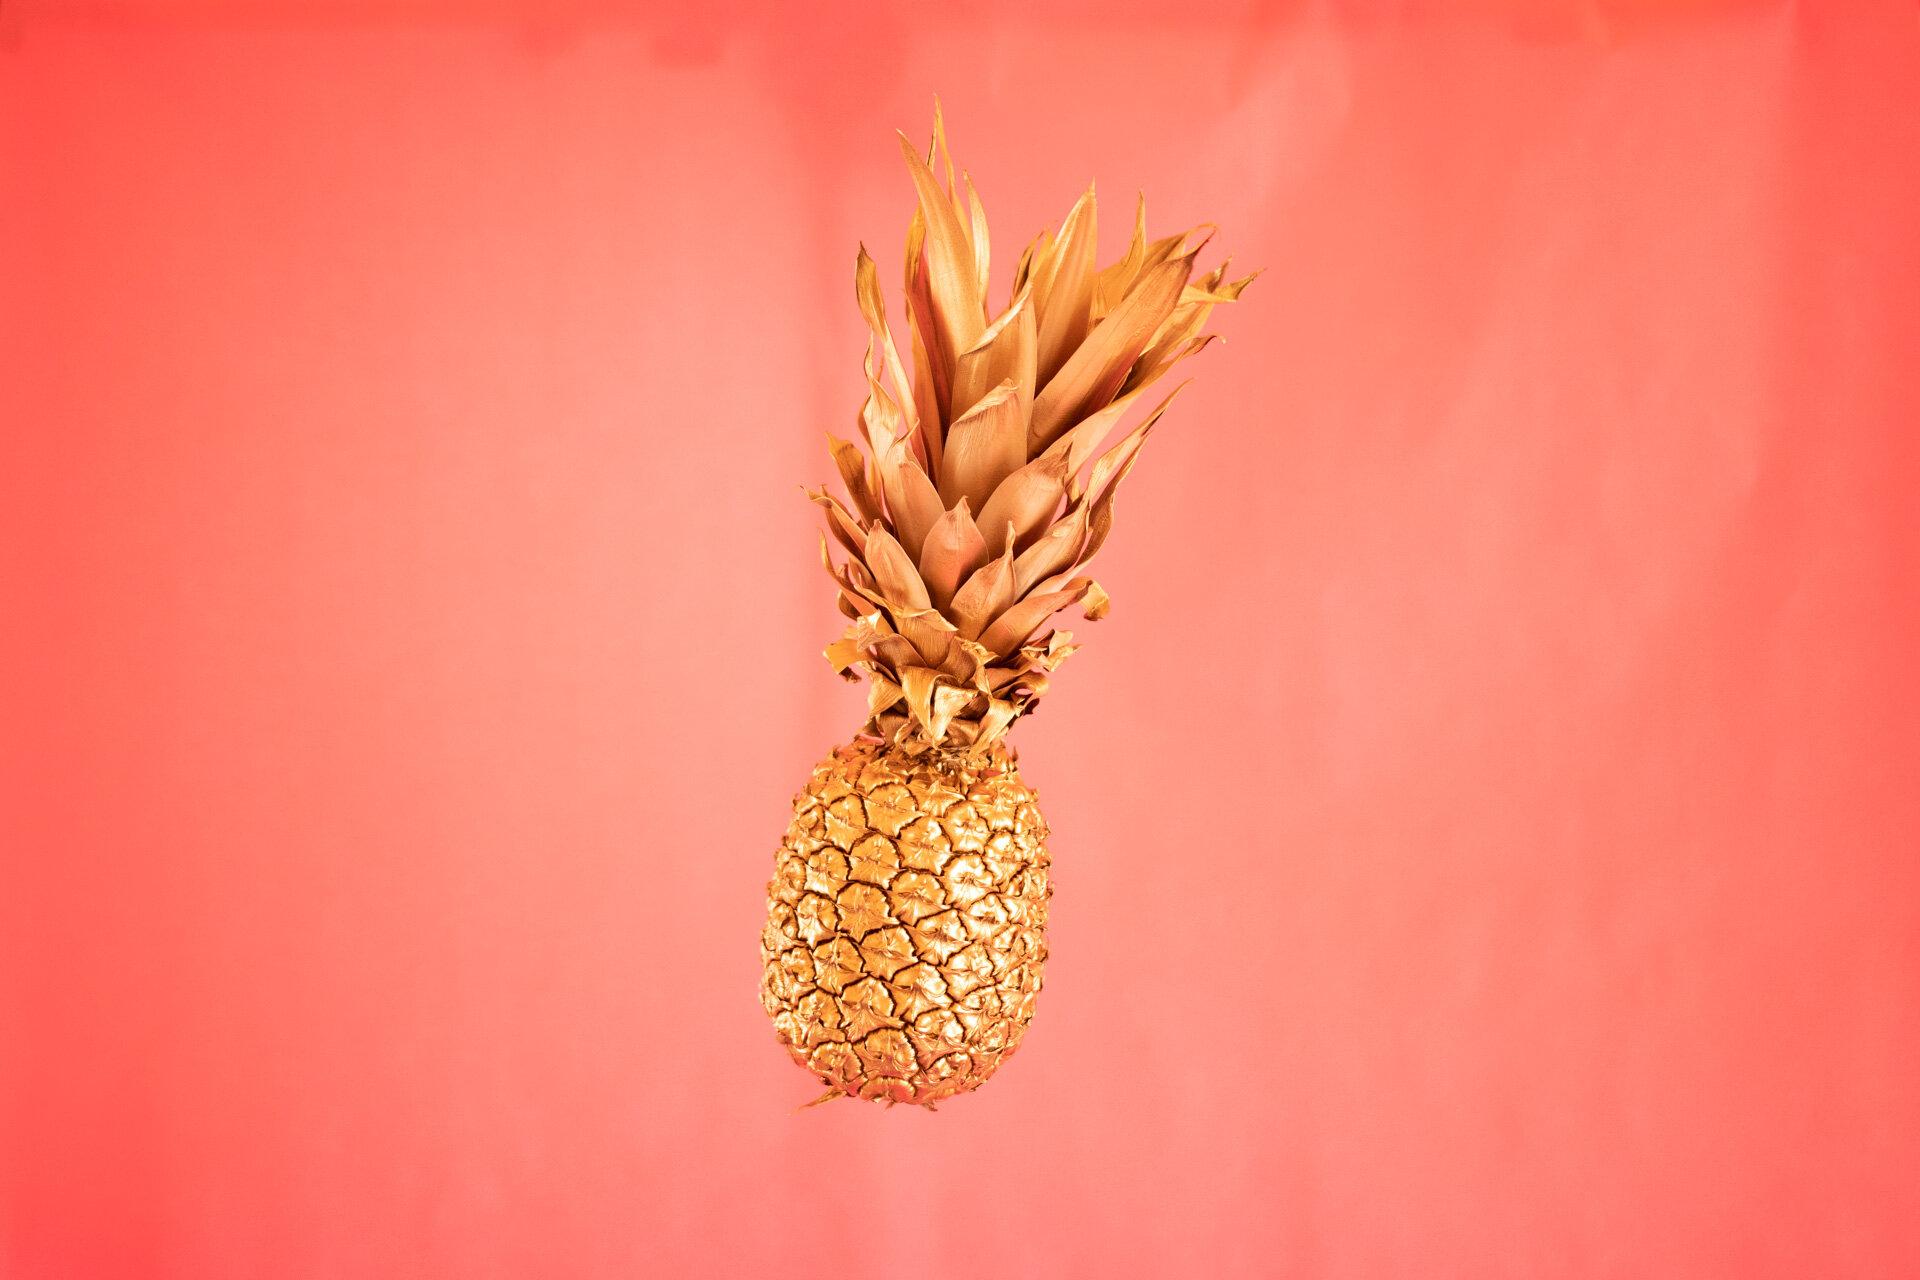 BPP 11 - Golden Pineapple - IG-8.jpg